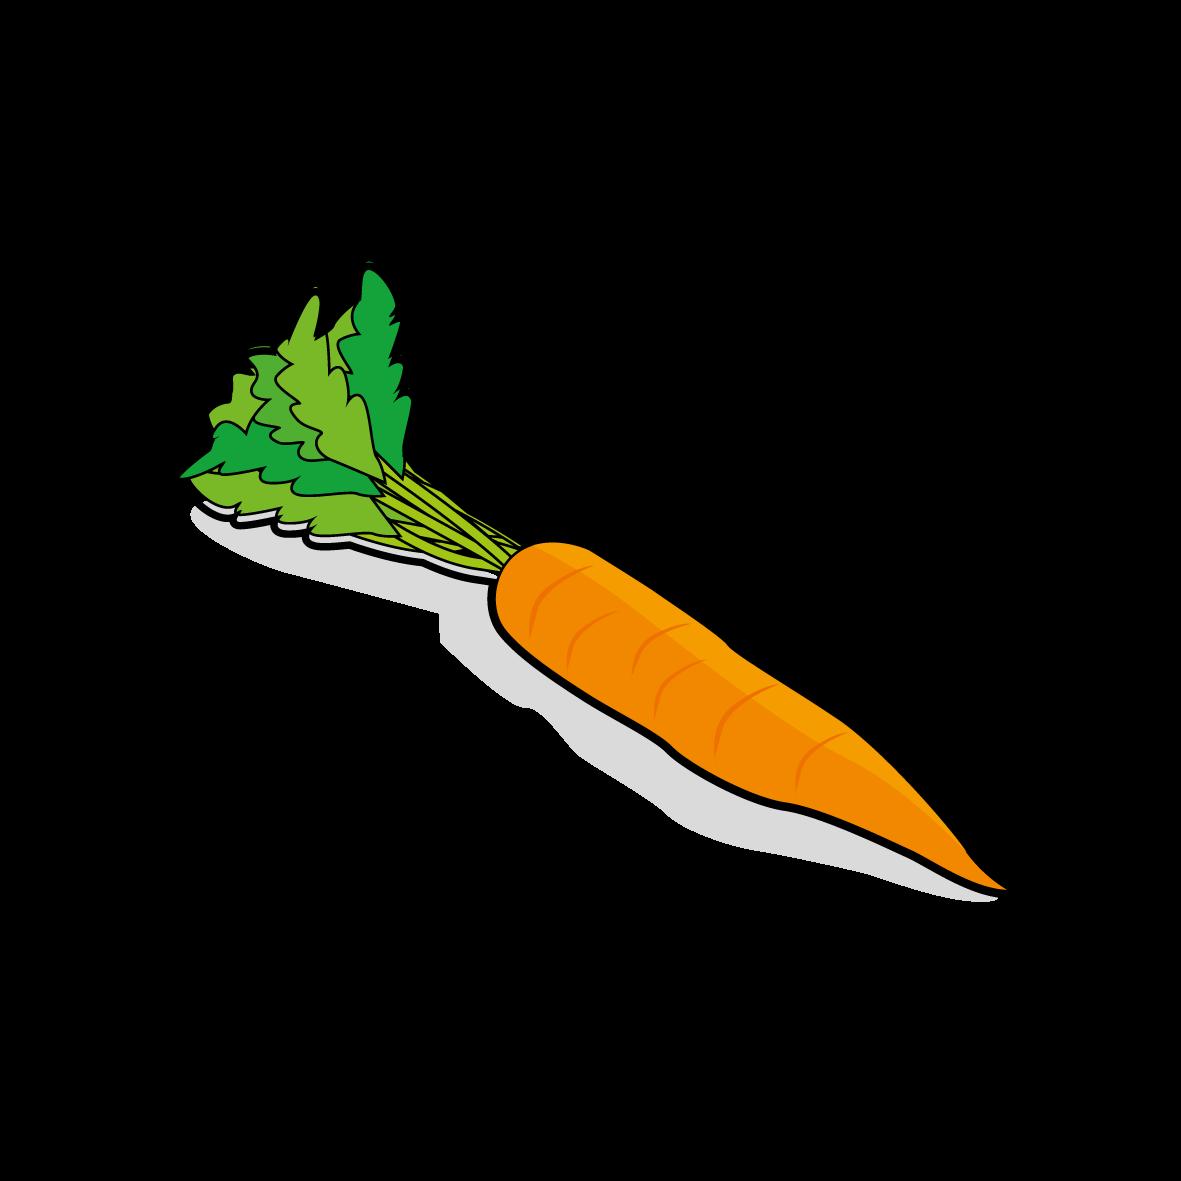 Icone d'une carotte, ailmacocotte.com